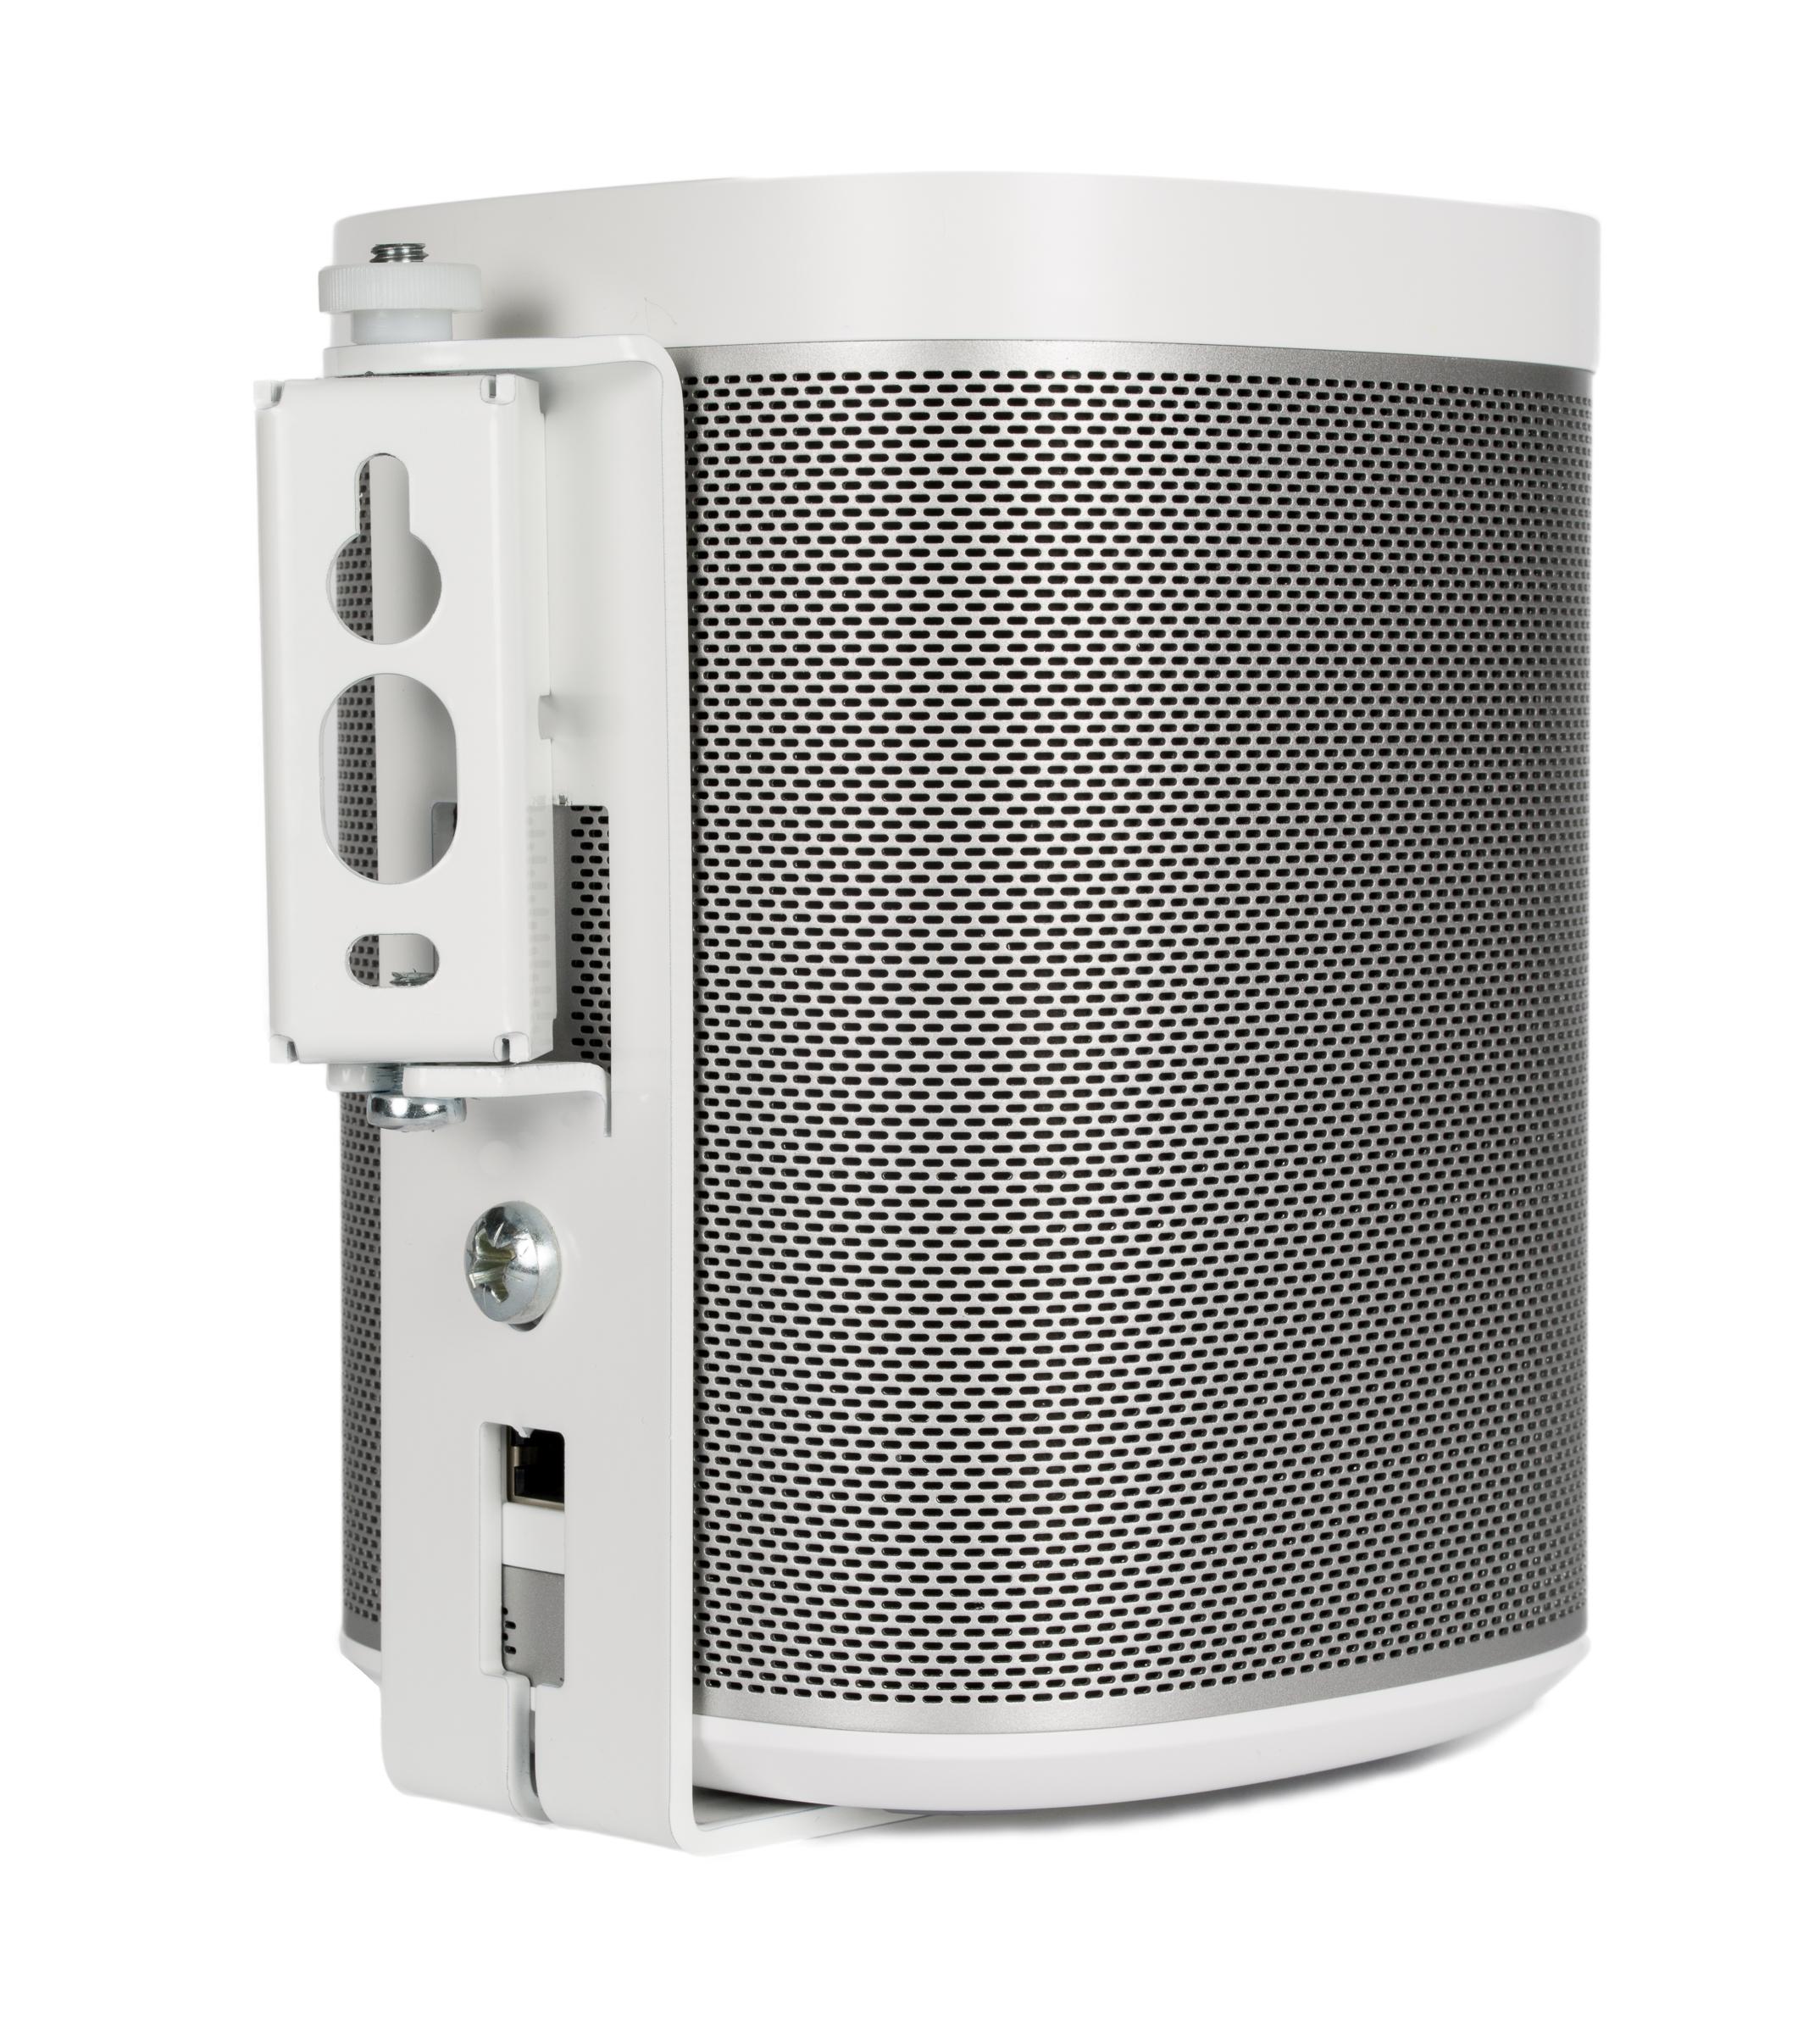 test sonos play 1 sonos bridge sonos playbar. Black Bedroom Furniture Sets. Home Design Ideas